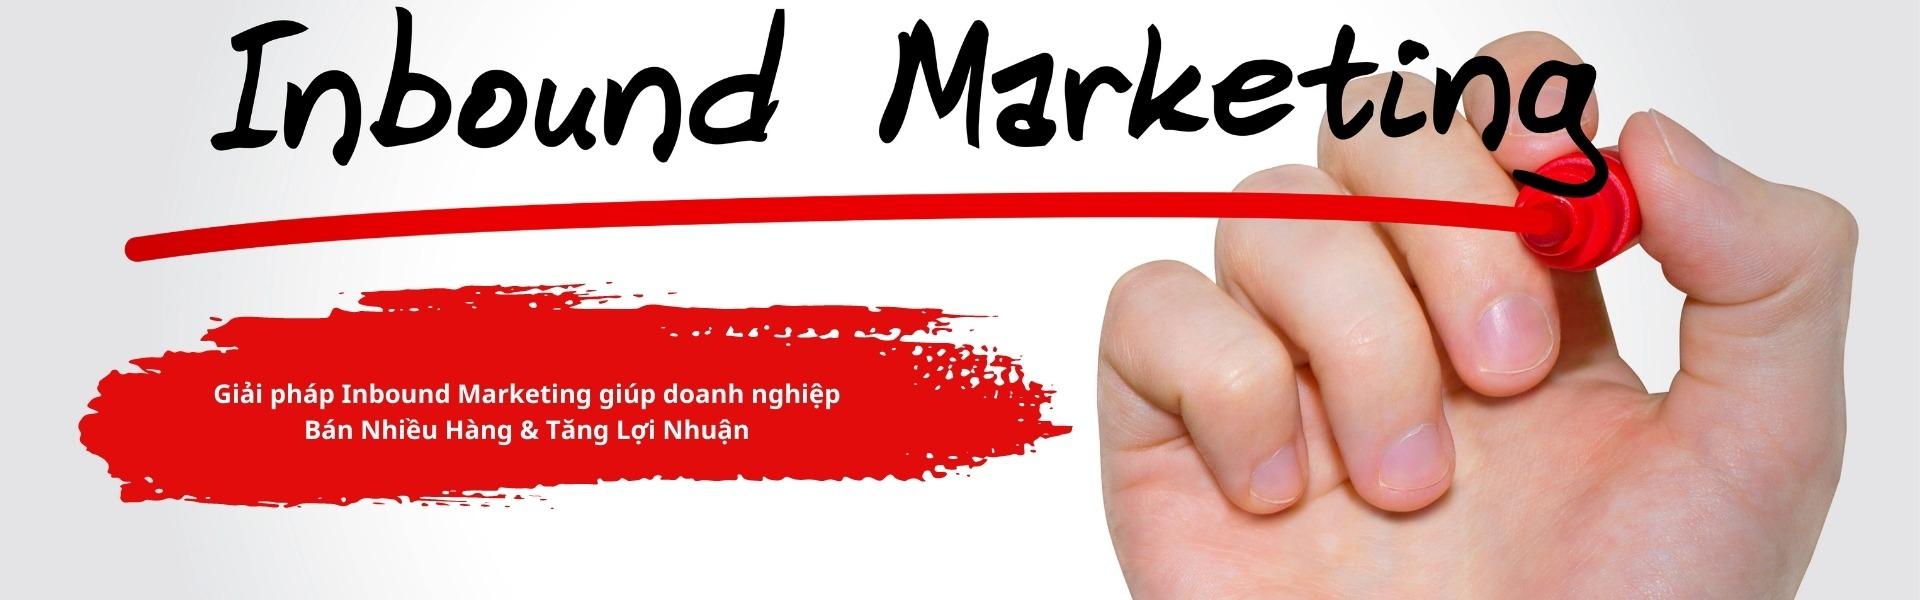 dich-vu-inbound-marketing